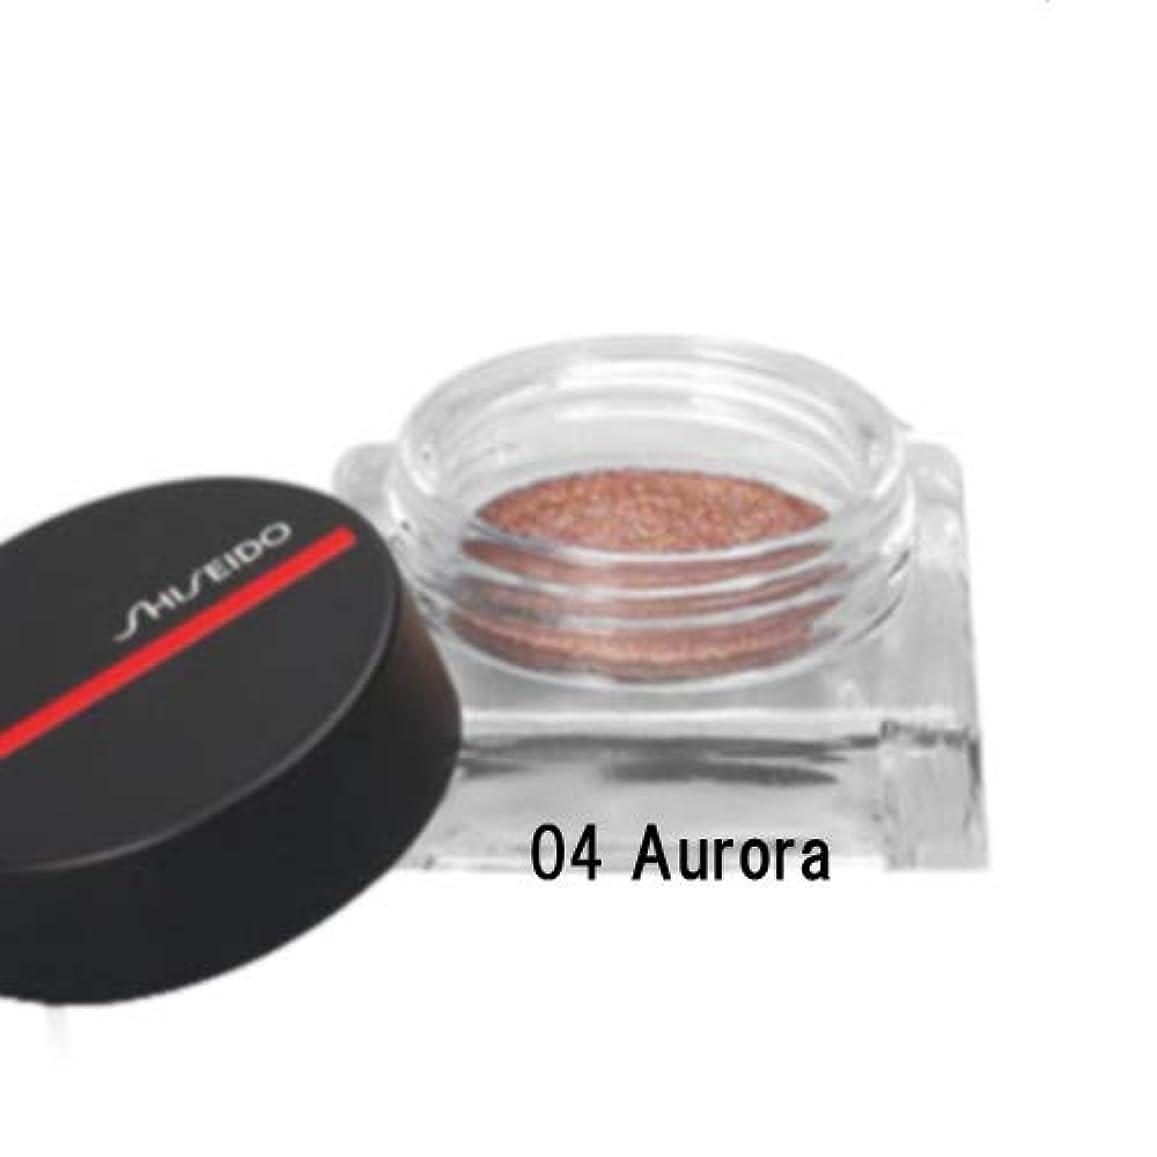 困惑したゼロくるみSHISEIDO メーキャップ(シセイドウ メーキャップ) SHISEIDO(資生堂) オーラデュウ プリズム 4.8g #04 Aurora